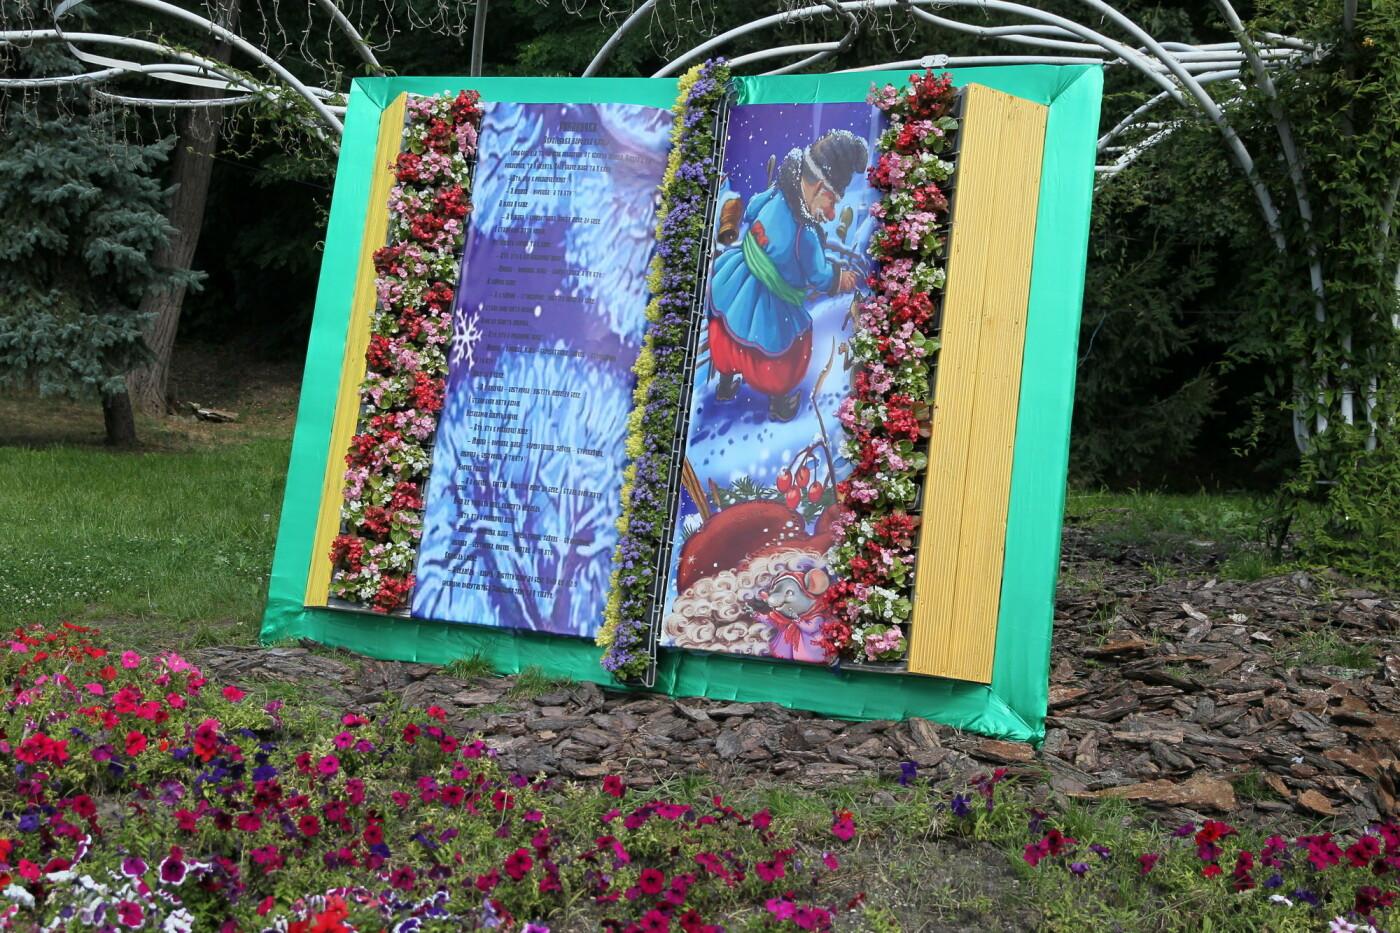 В Киеве на Певческом поле проходит выставка цветов «Мульт-ленд» - ФОТО, фото-3